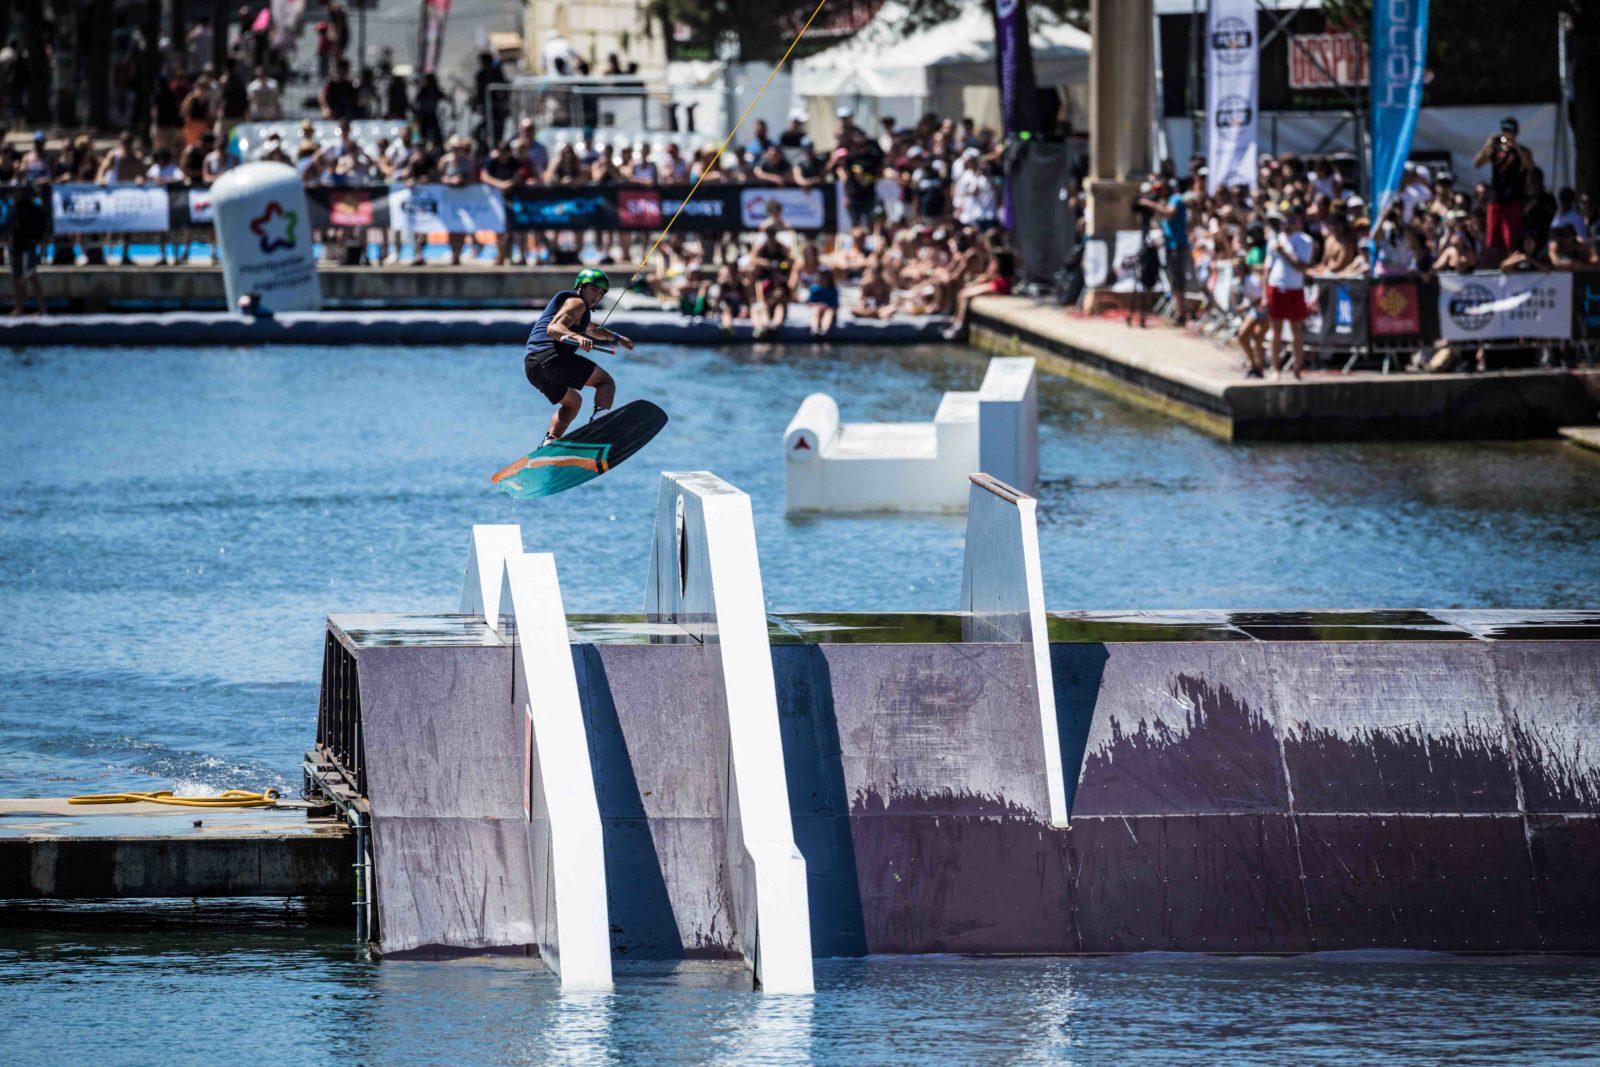 FISEMontpellier2017Wakeboard - Bmx, skate, wake... : rendez-vous au Fise pour supporter les meilleurs riders internationaux